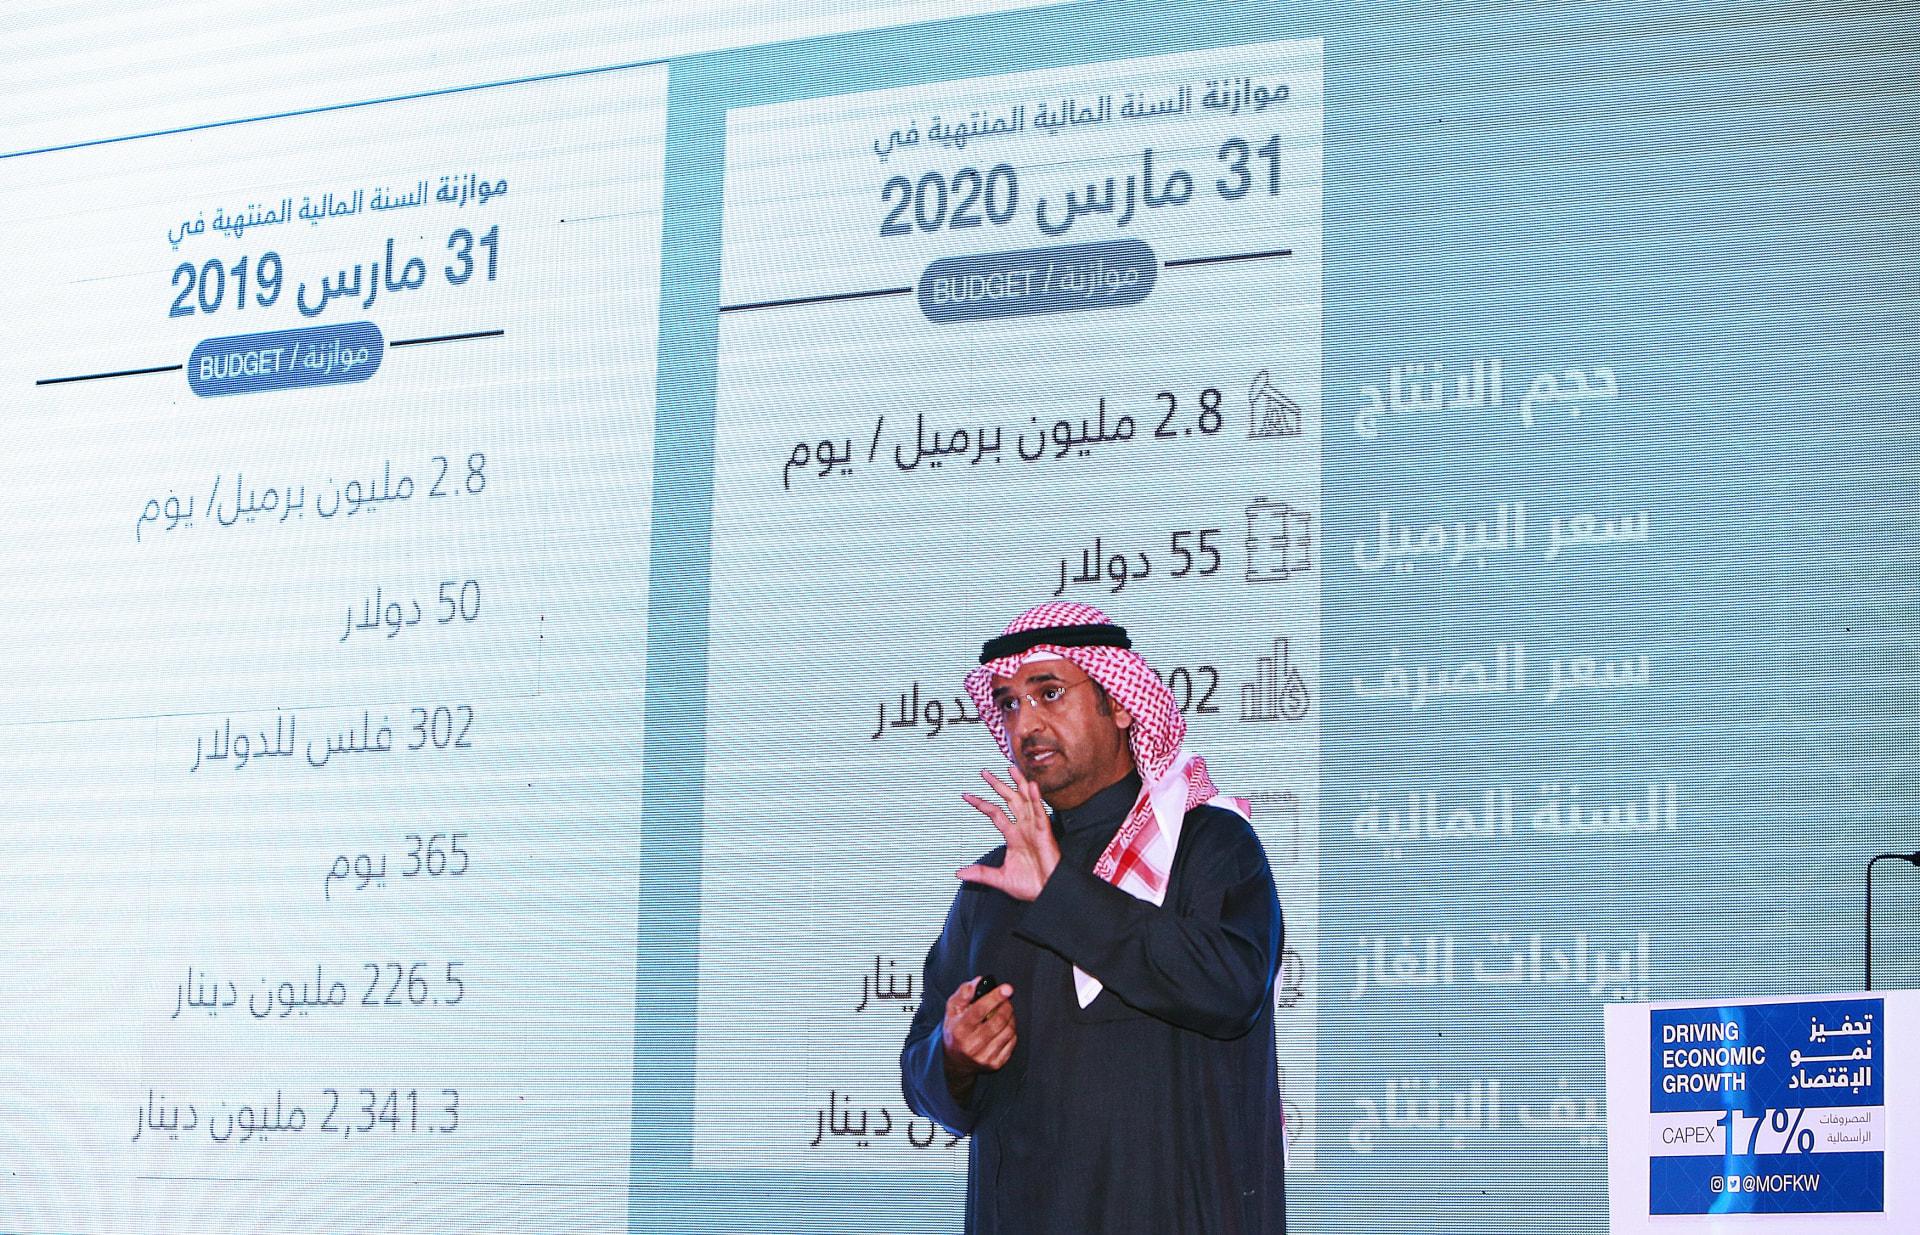 وزير: 71% من موازنة الكويت للمرتبات والدعم.. فماذا عن العجز؟